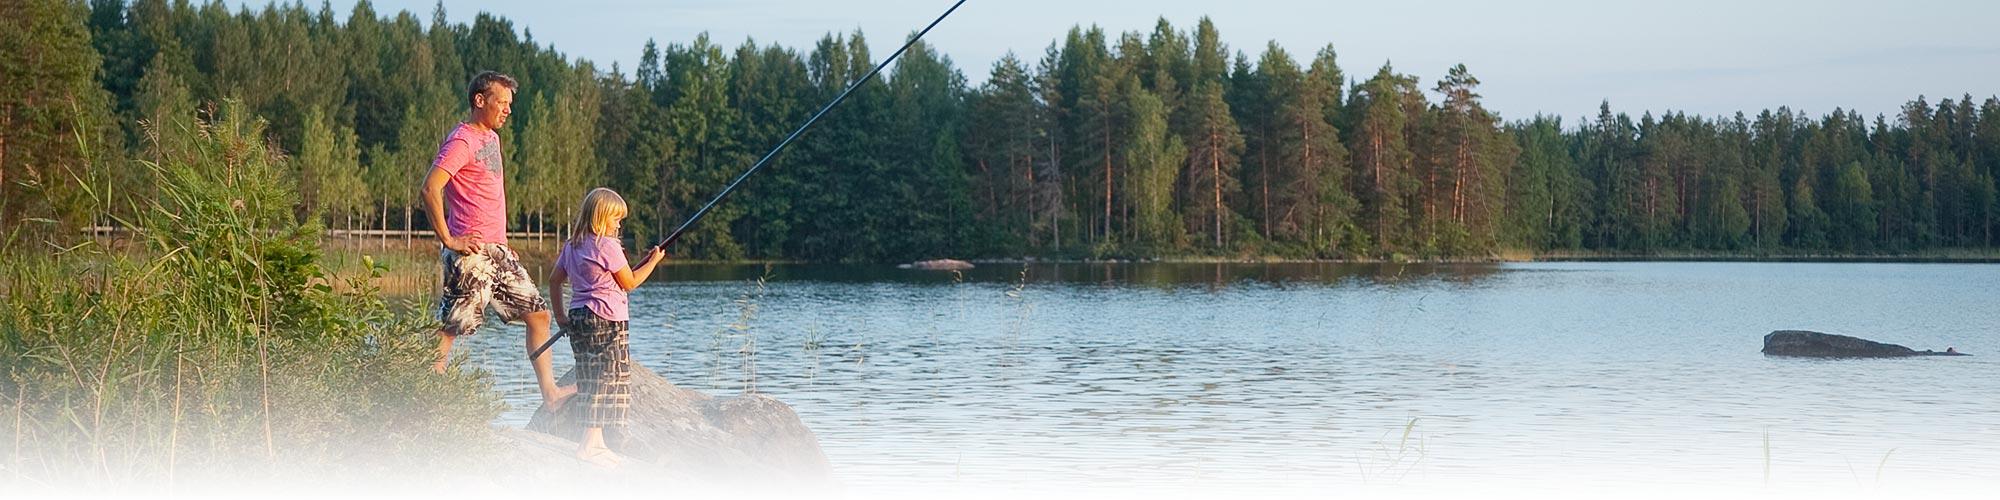 Tommolansalmi fishing